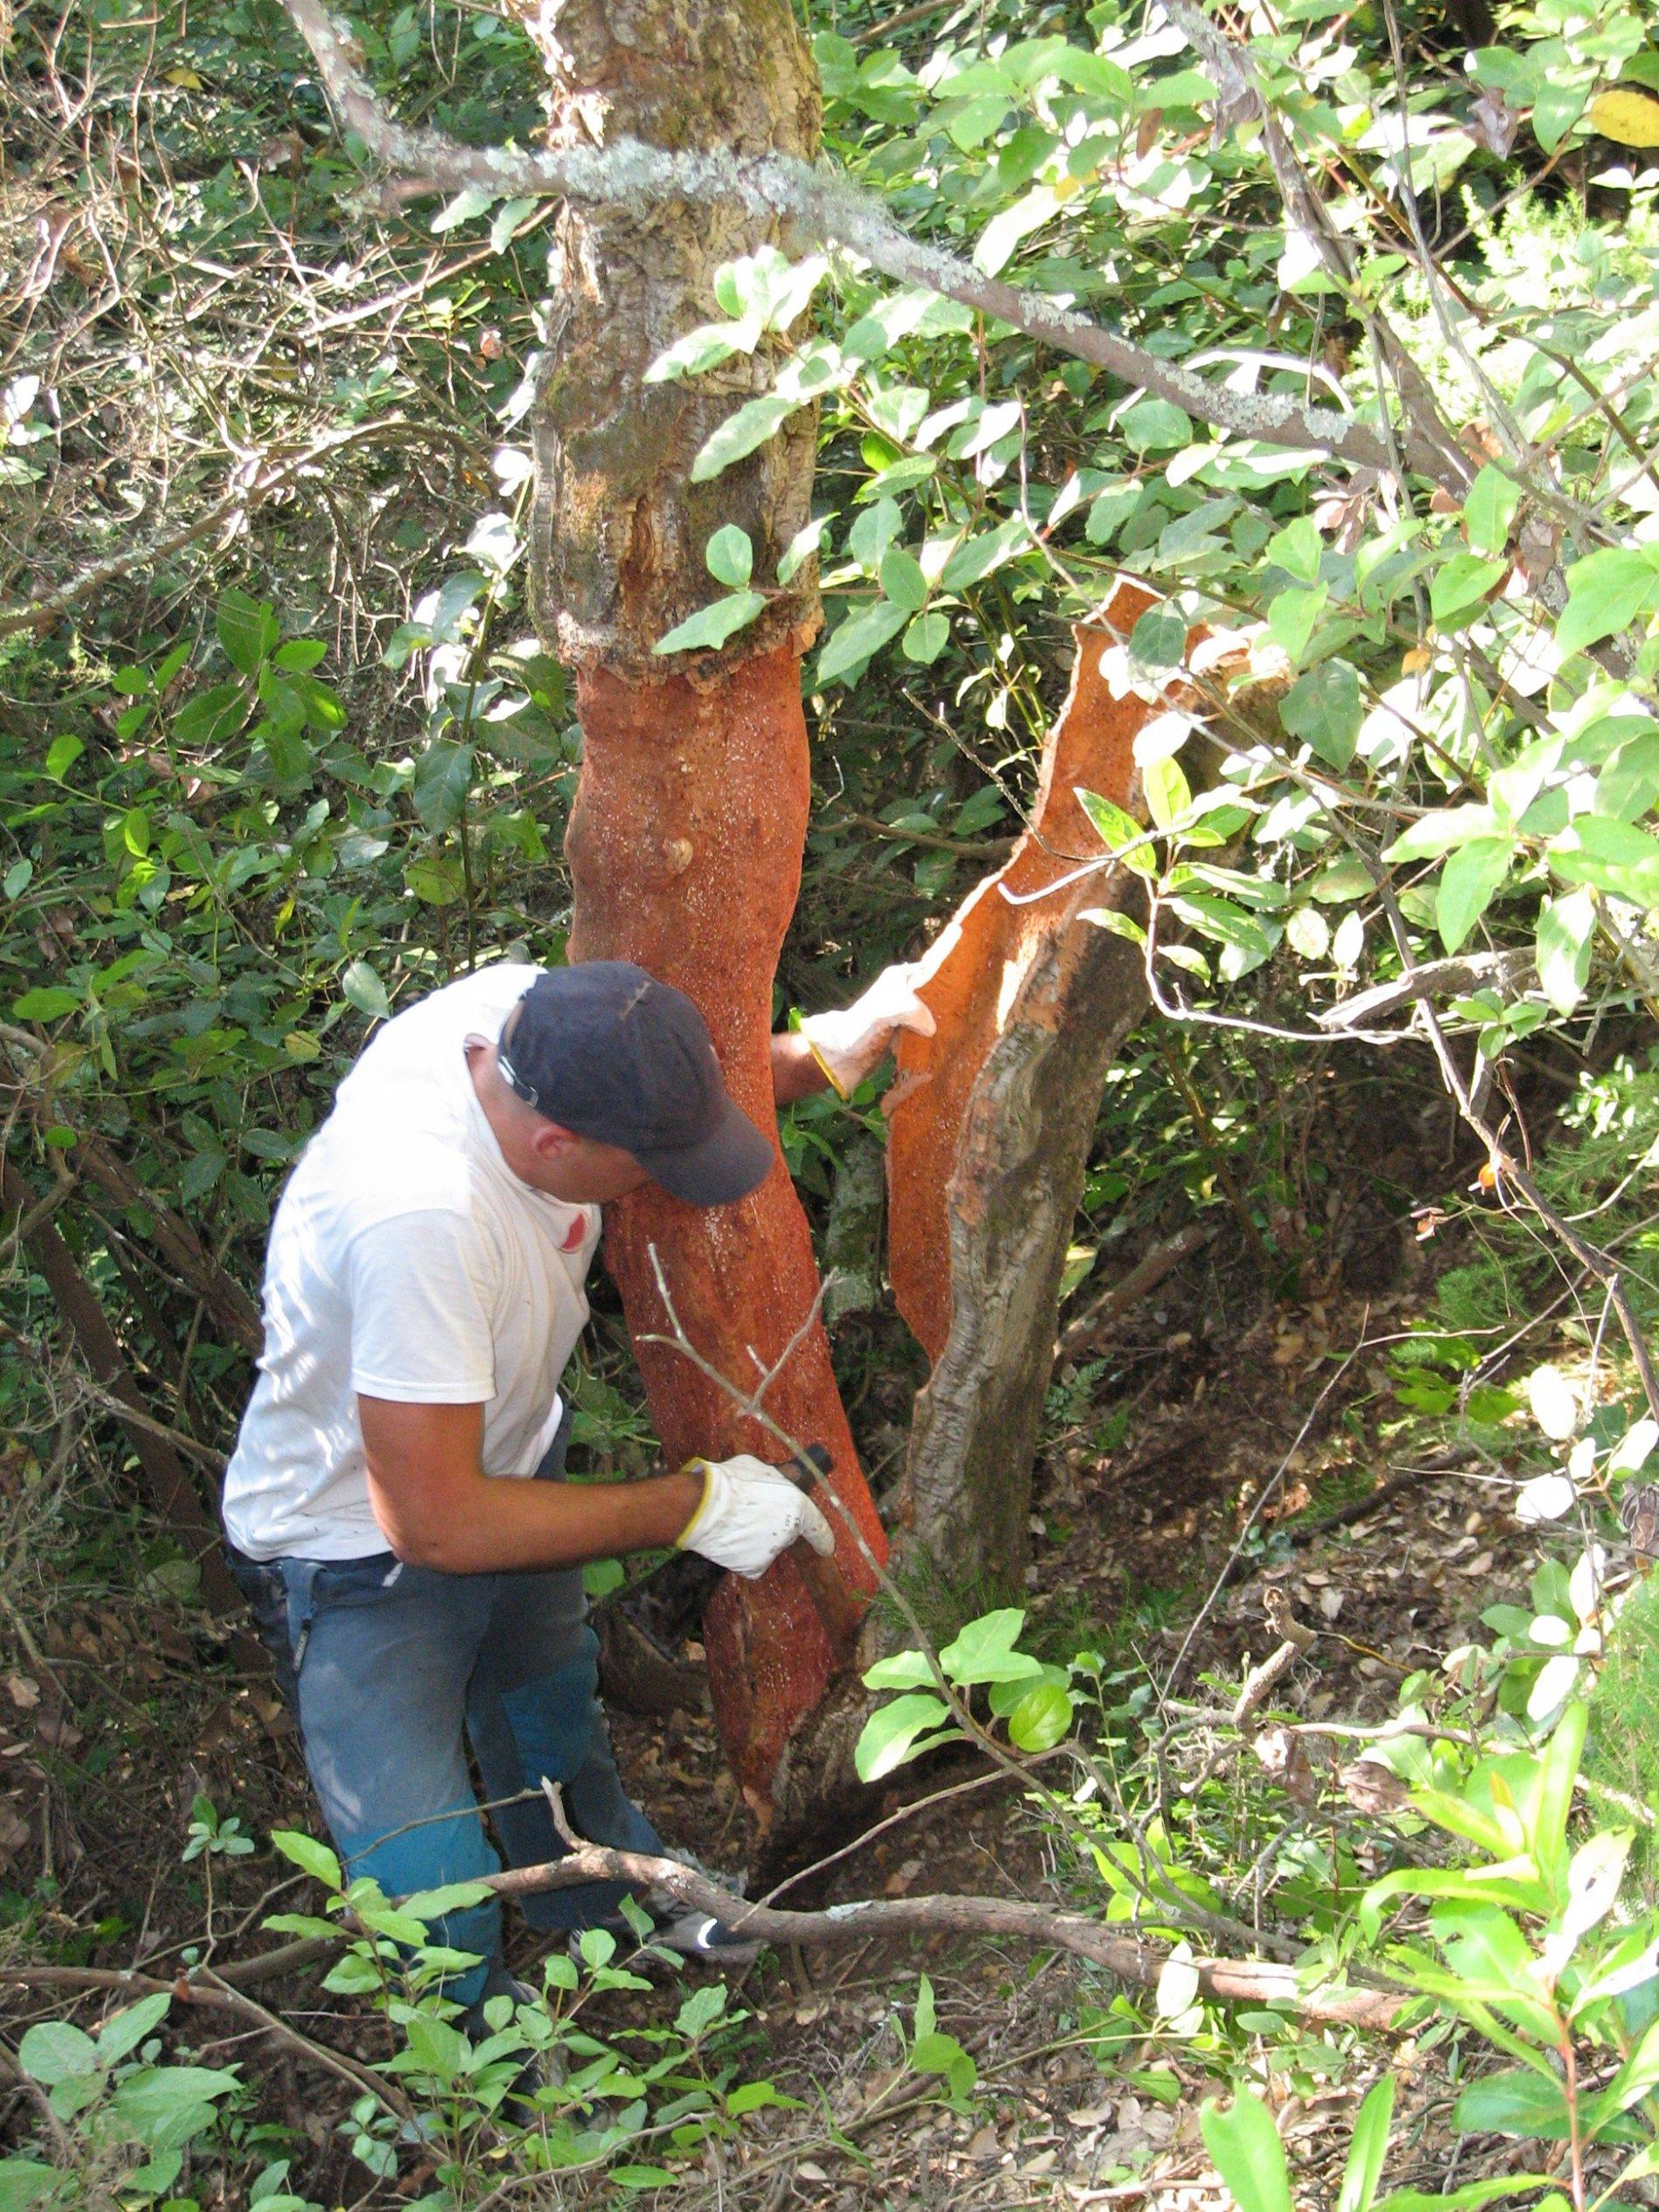 La imatge mostra un pelador amb una destral fent palanca per separar la panna de suro de l'arbre. Aquesta operació només es pot dur a terme uns mesos en concret a l'any, entre el maig i l'inici de l'estiu. Un cop s'ha pelat una alzina surera cal esperar al voltant d'uns dotze/catorze anys per tornar a repetir l'operació, així a l'arbre se li tornarà a extreure una panna de suro del gruix que la indústria necessita. En aquests moments és l'activitat d'explotació forestal més important per les Gavarres.